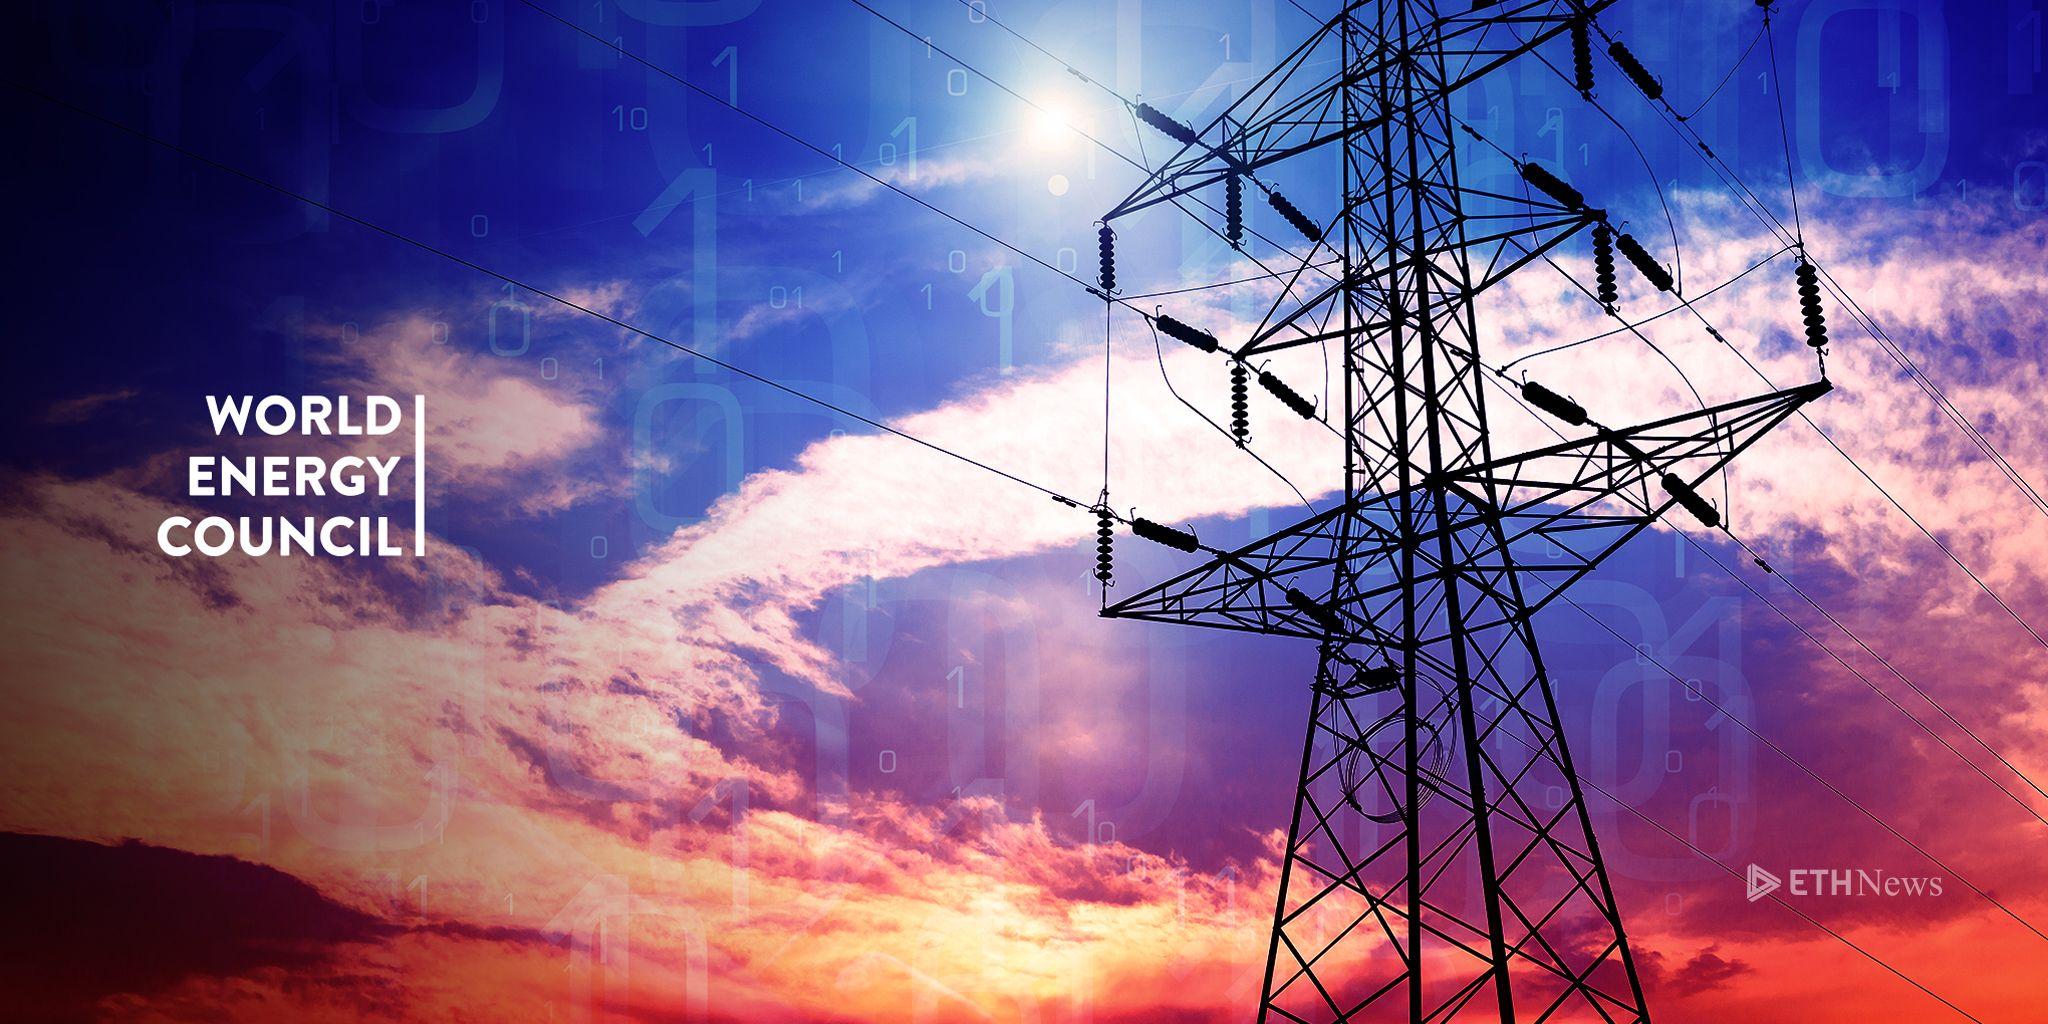 فناوری بلاکچین و نقشآفرینی در سیستم انرژی دنیا